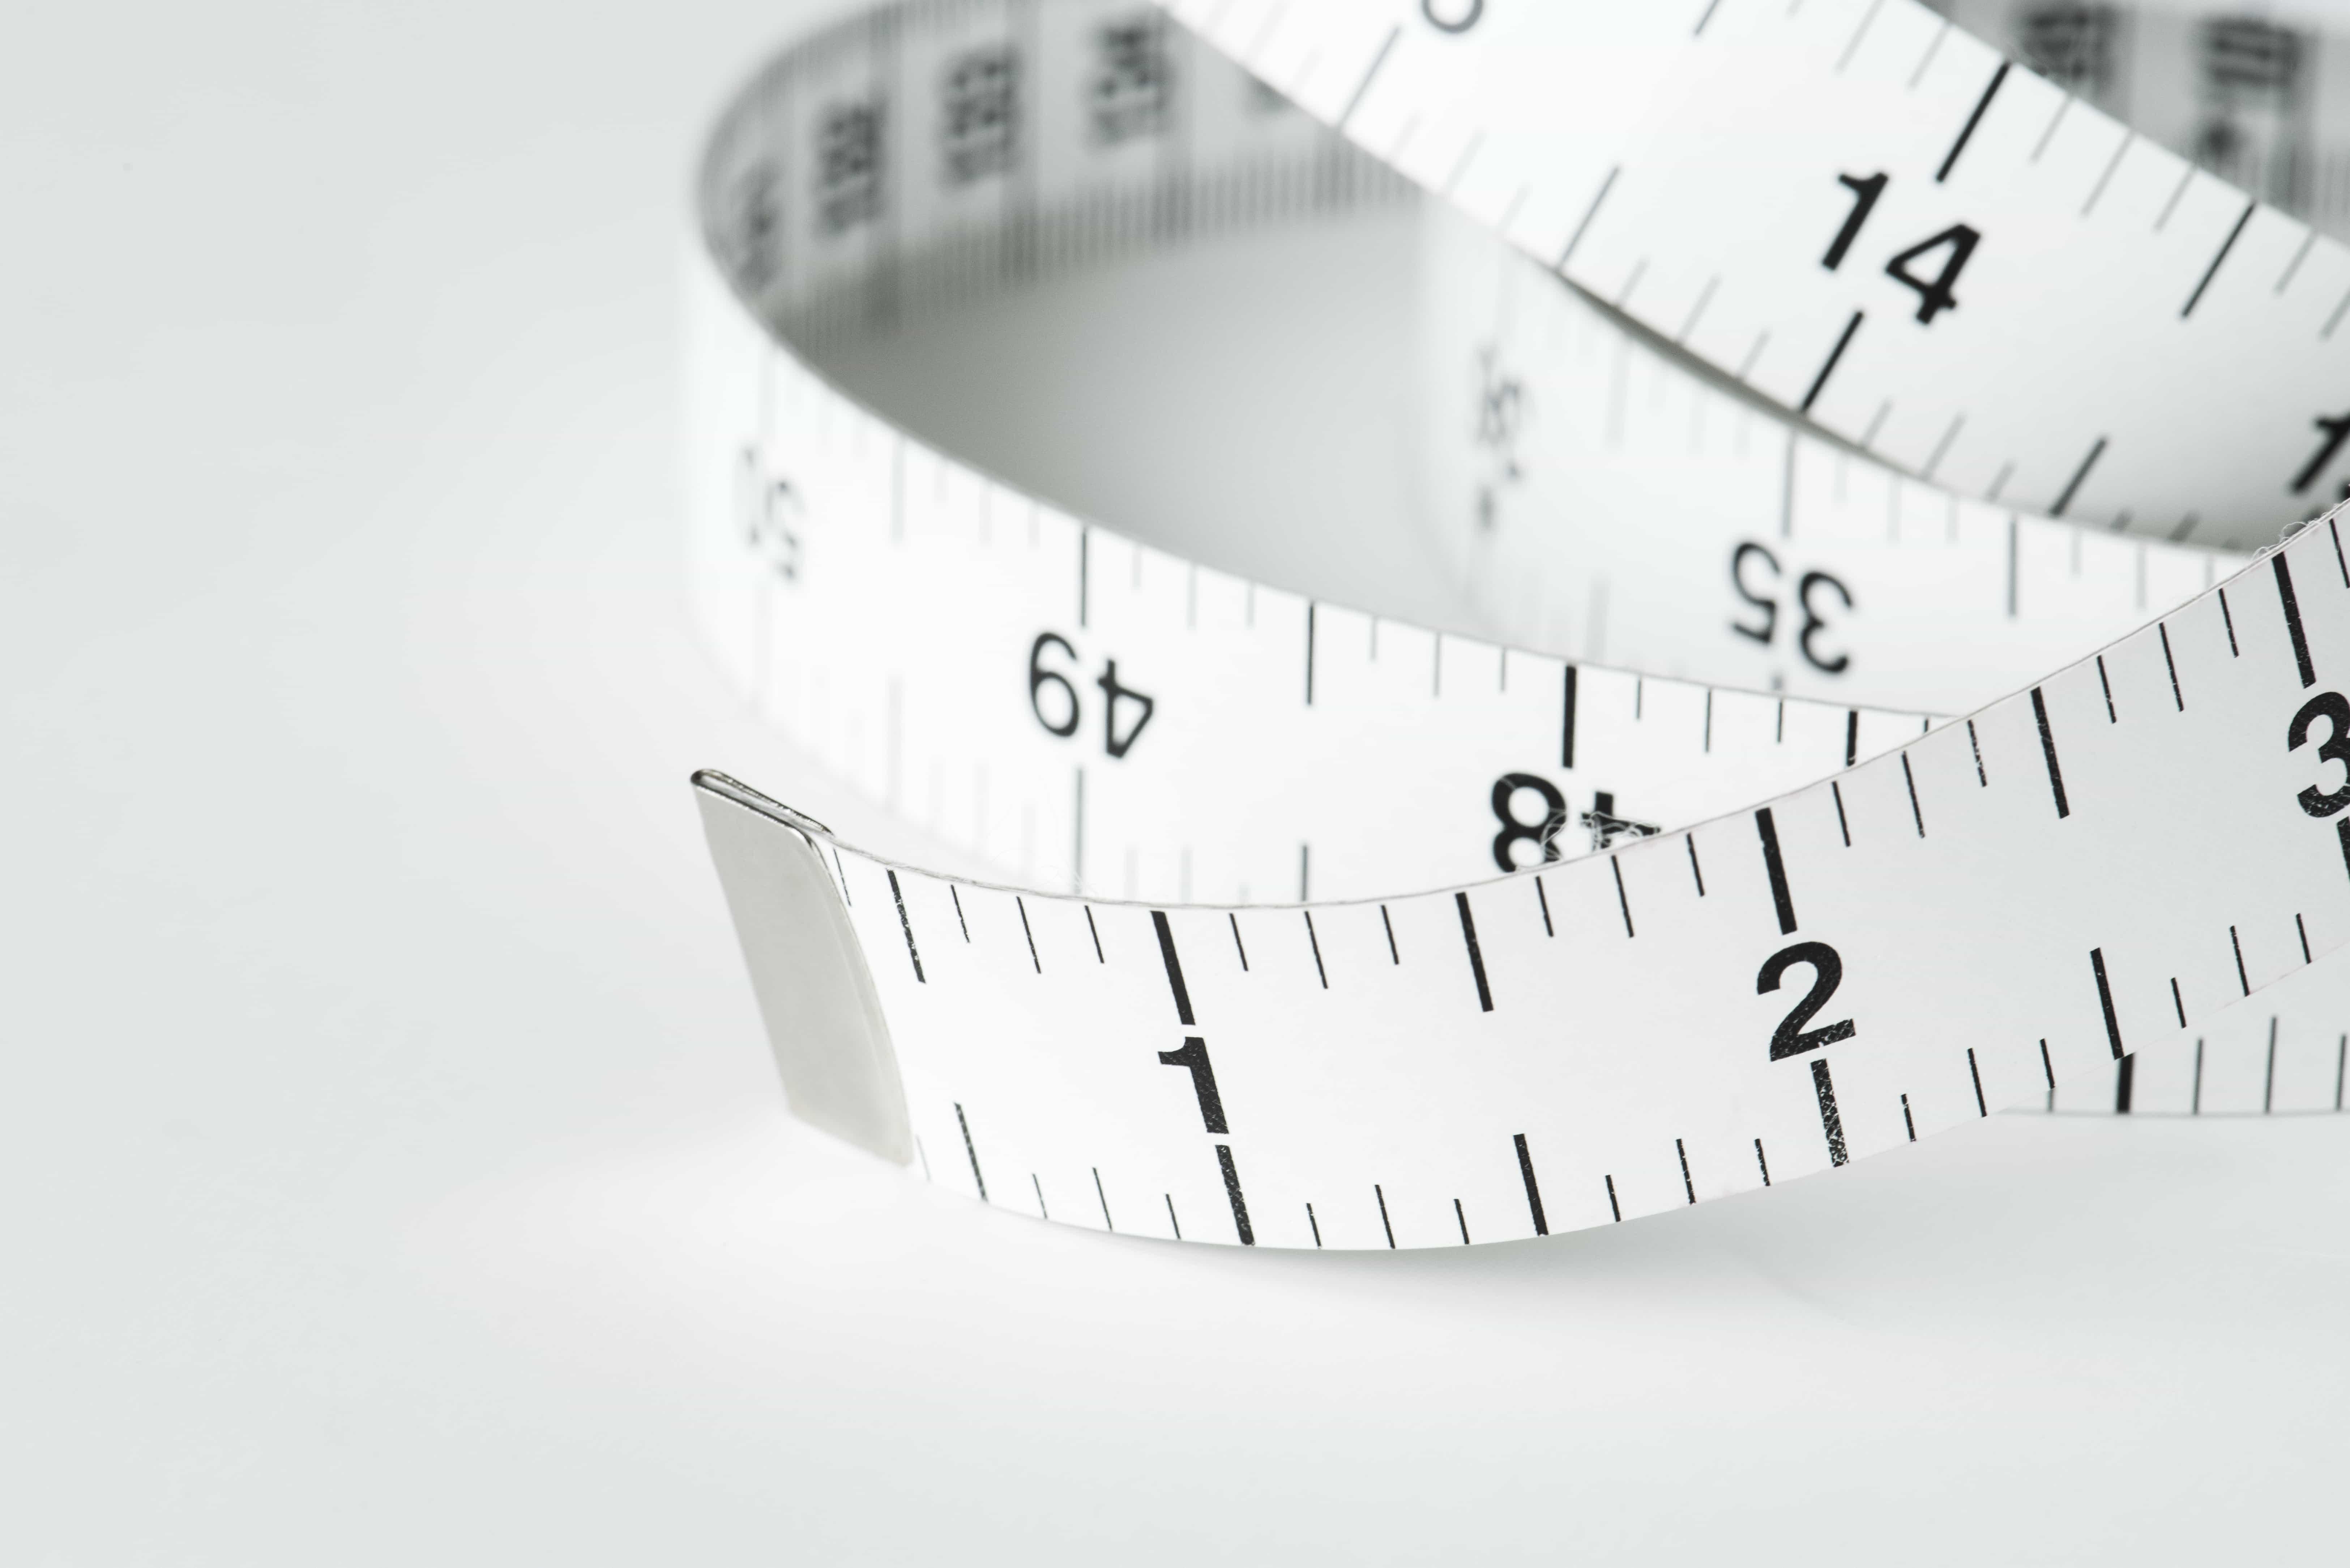 dimensiunea penisului 30 cm